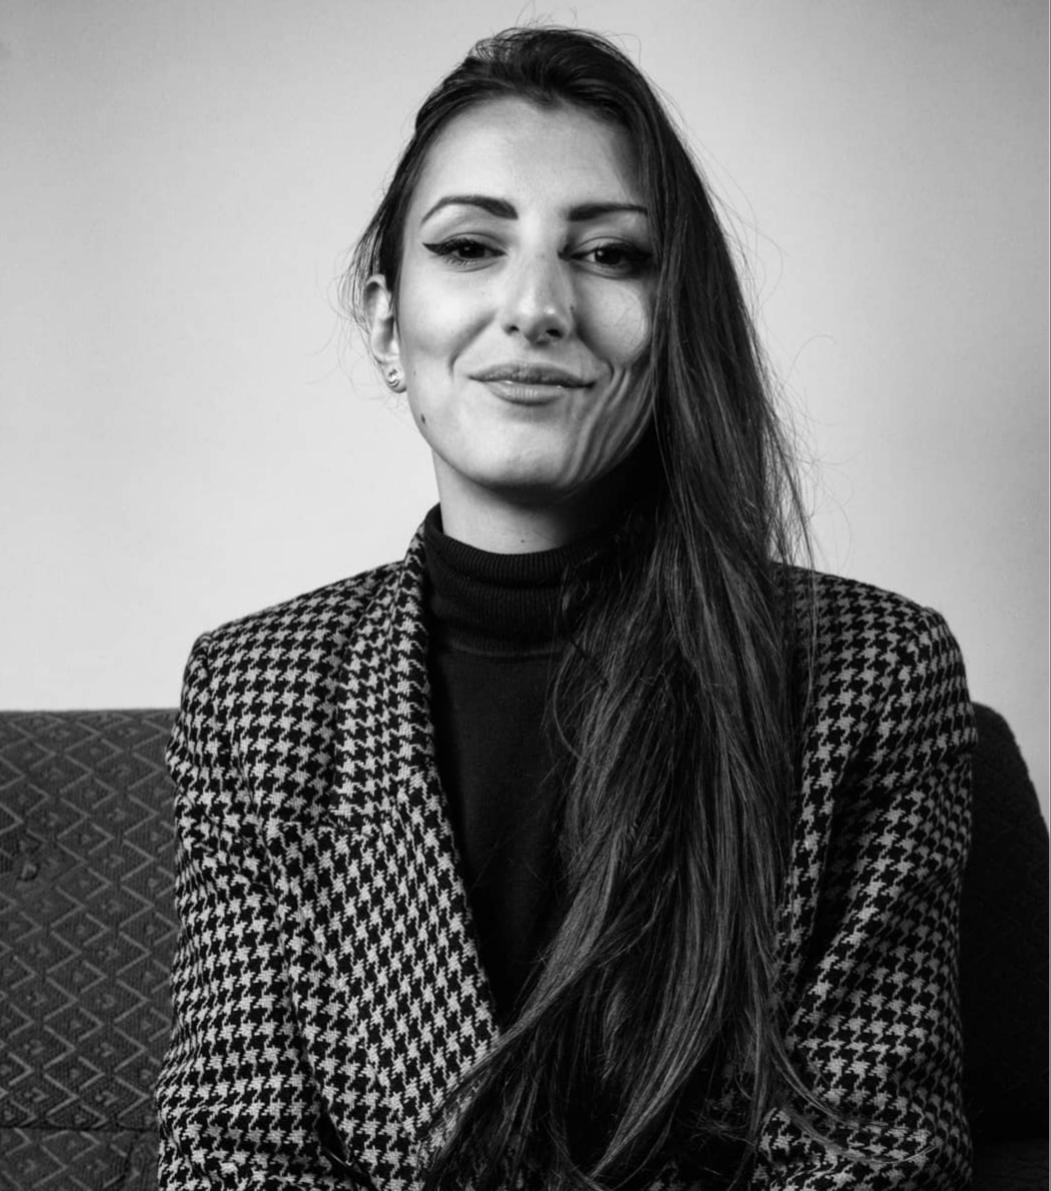 Alessia Caruana